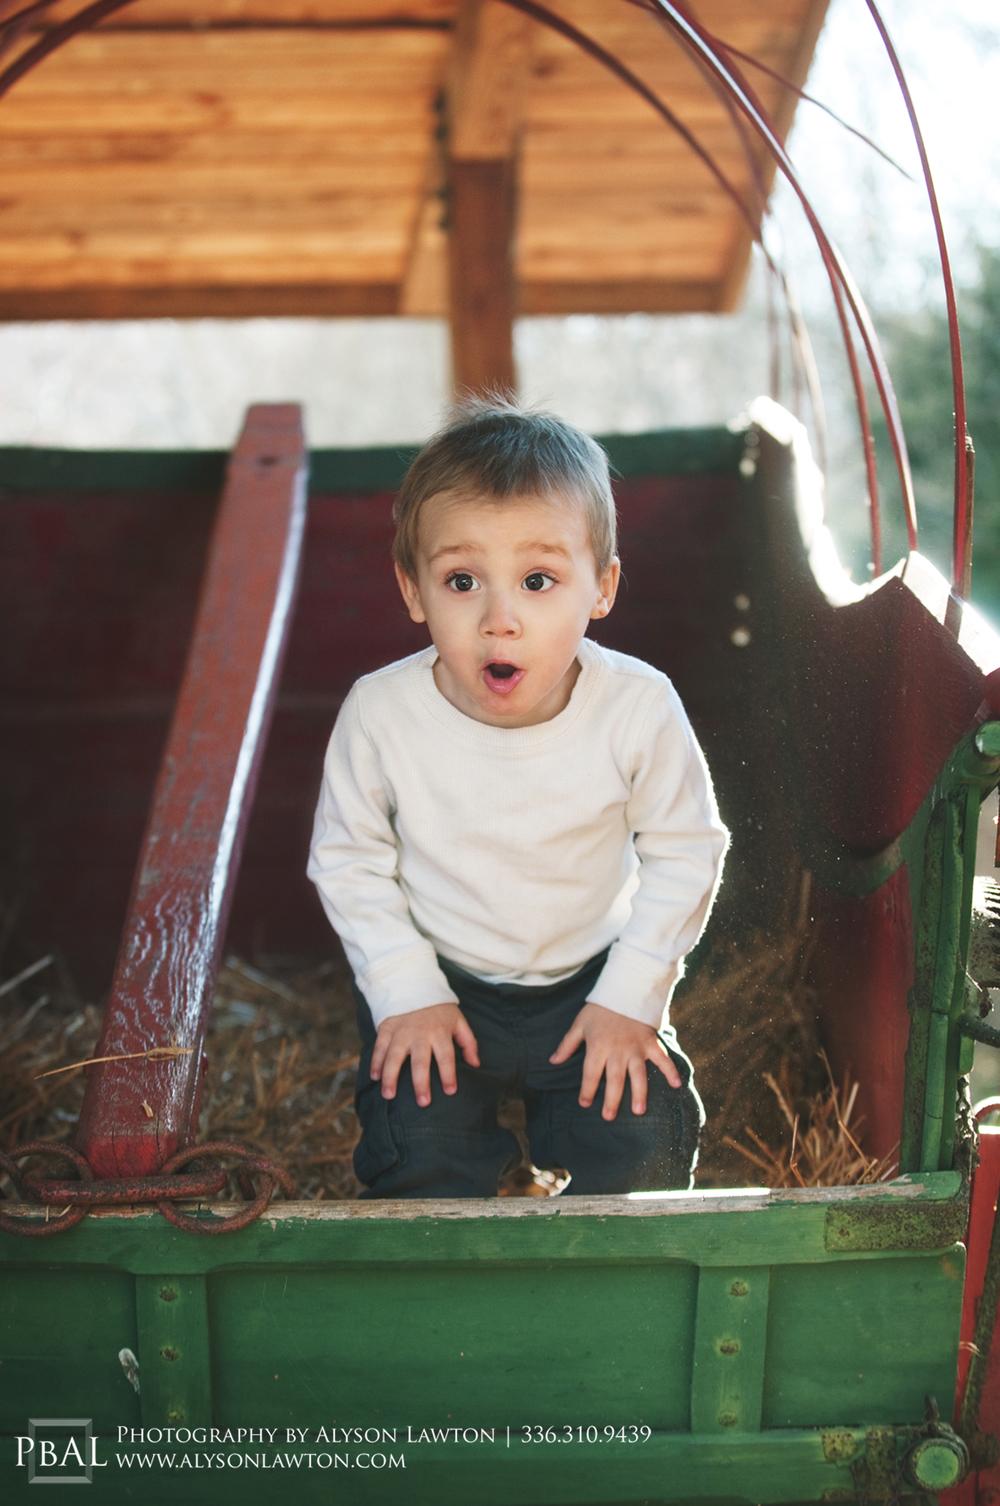 Family Portrait Photography | Bobie & Bo | Winston Salem, NC | Photography by Alyson Lawton | alysonlawton.com